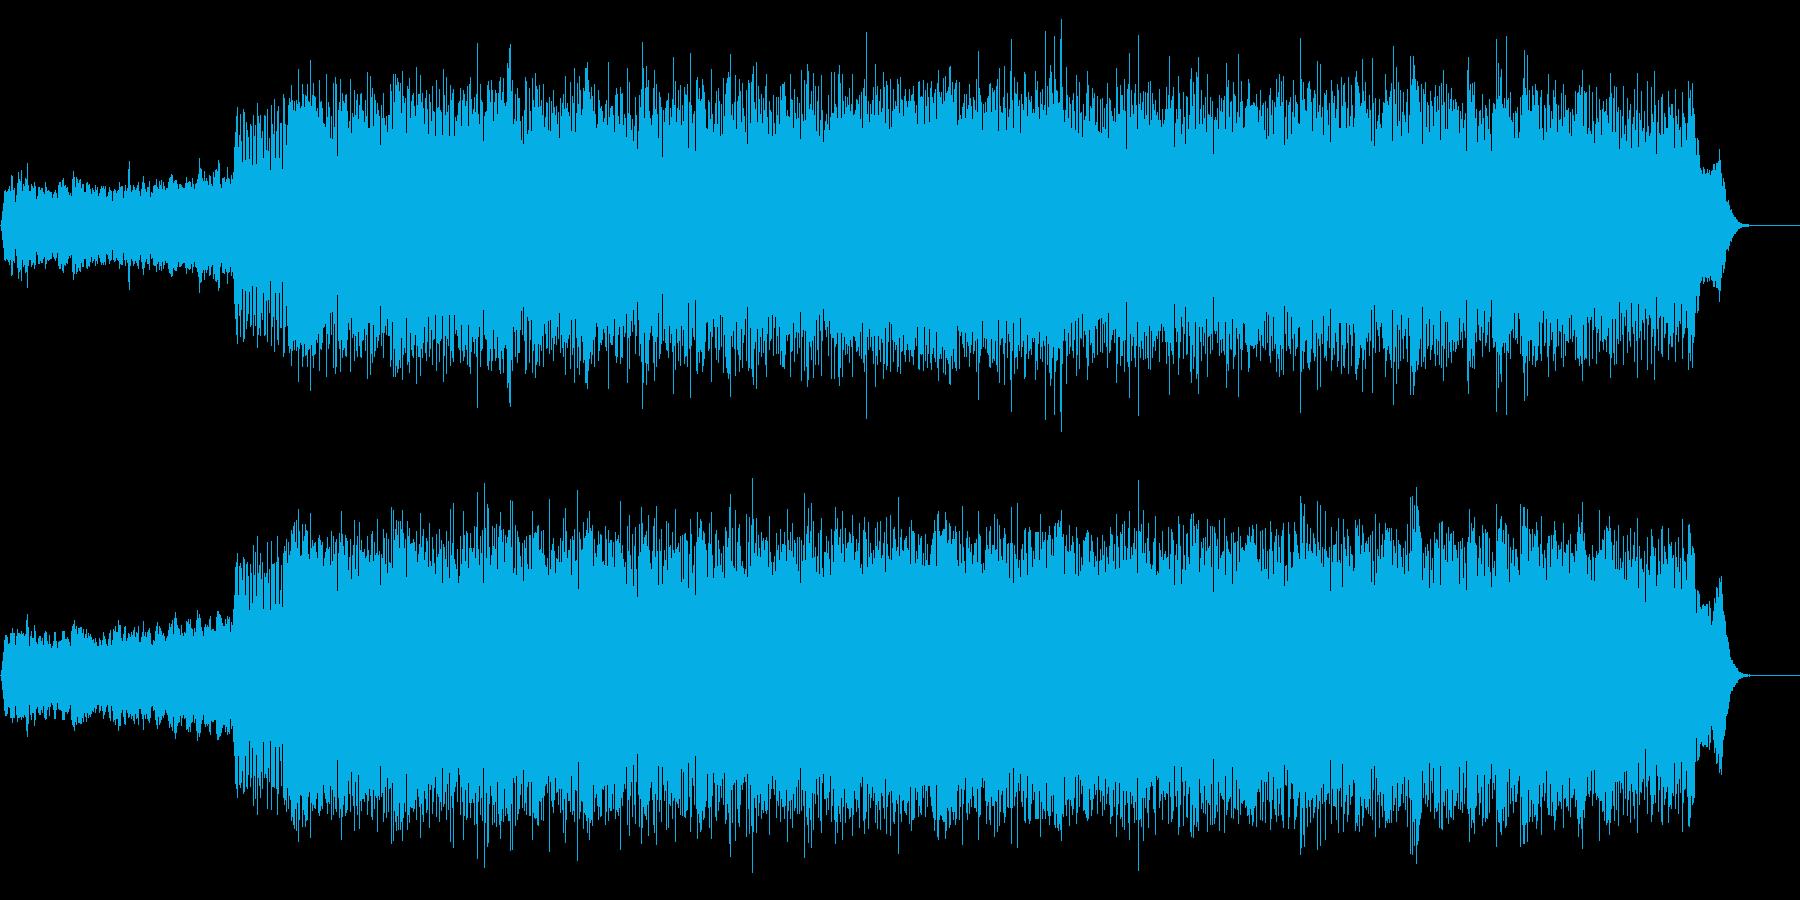 暗さの中にも美しいメロが介在するプログレの再生済みの波形